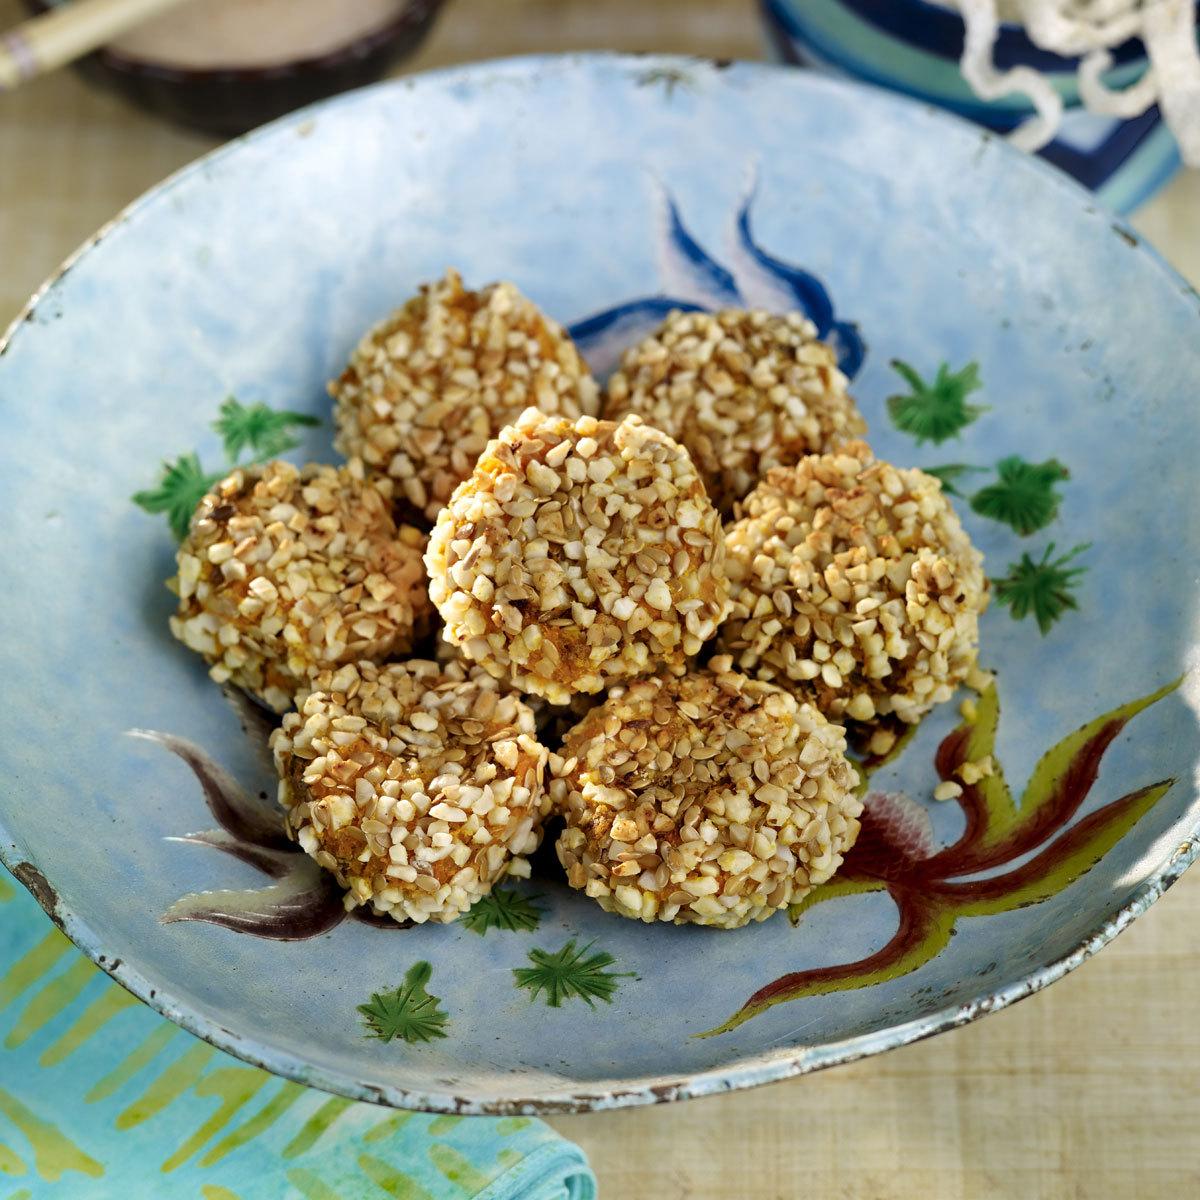 Bocaditos de calabaza con semillas de sésamo